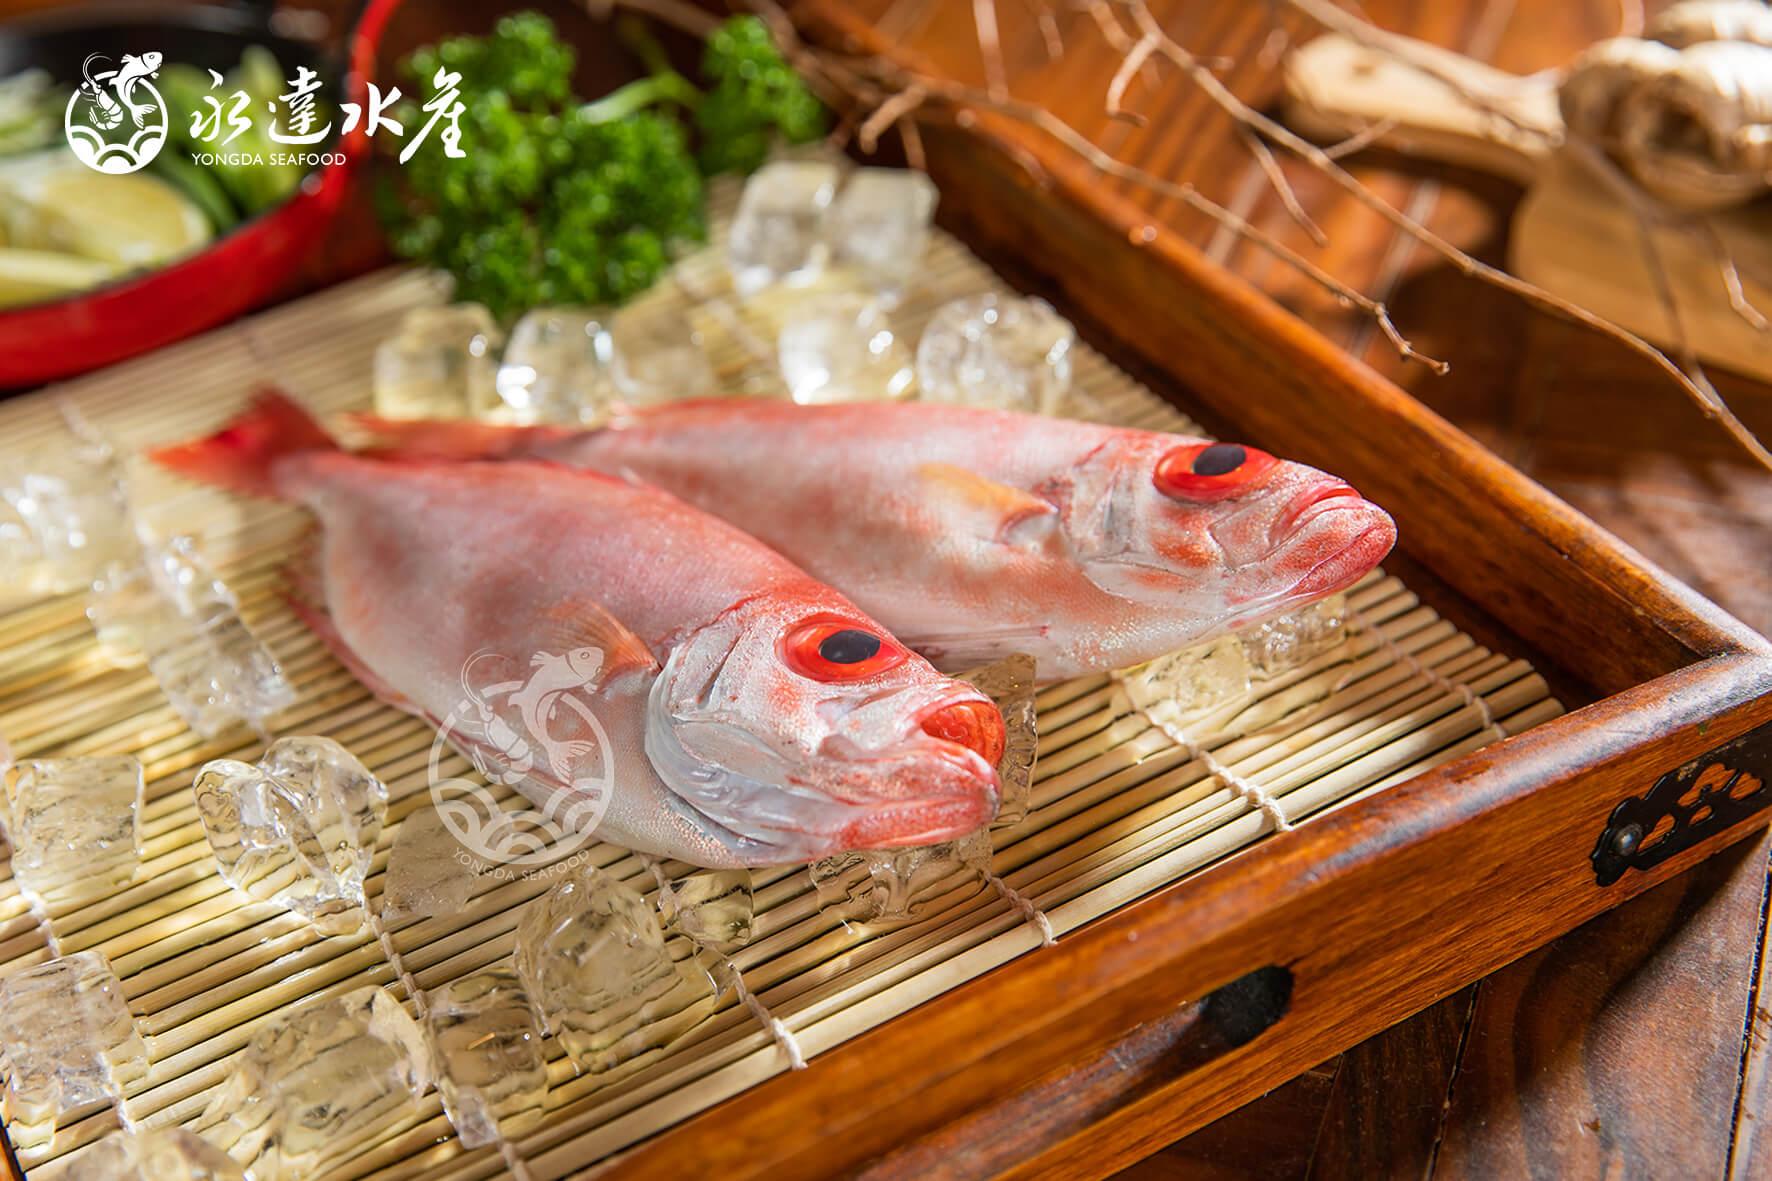 水產|海鮮|鮮凍野生紅目鰱|紅目鰱|剝皮魚|野生|魚肉|魚